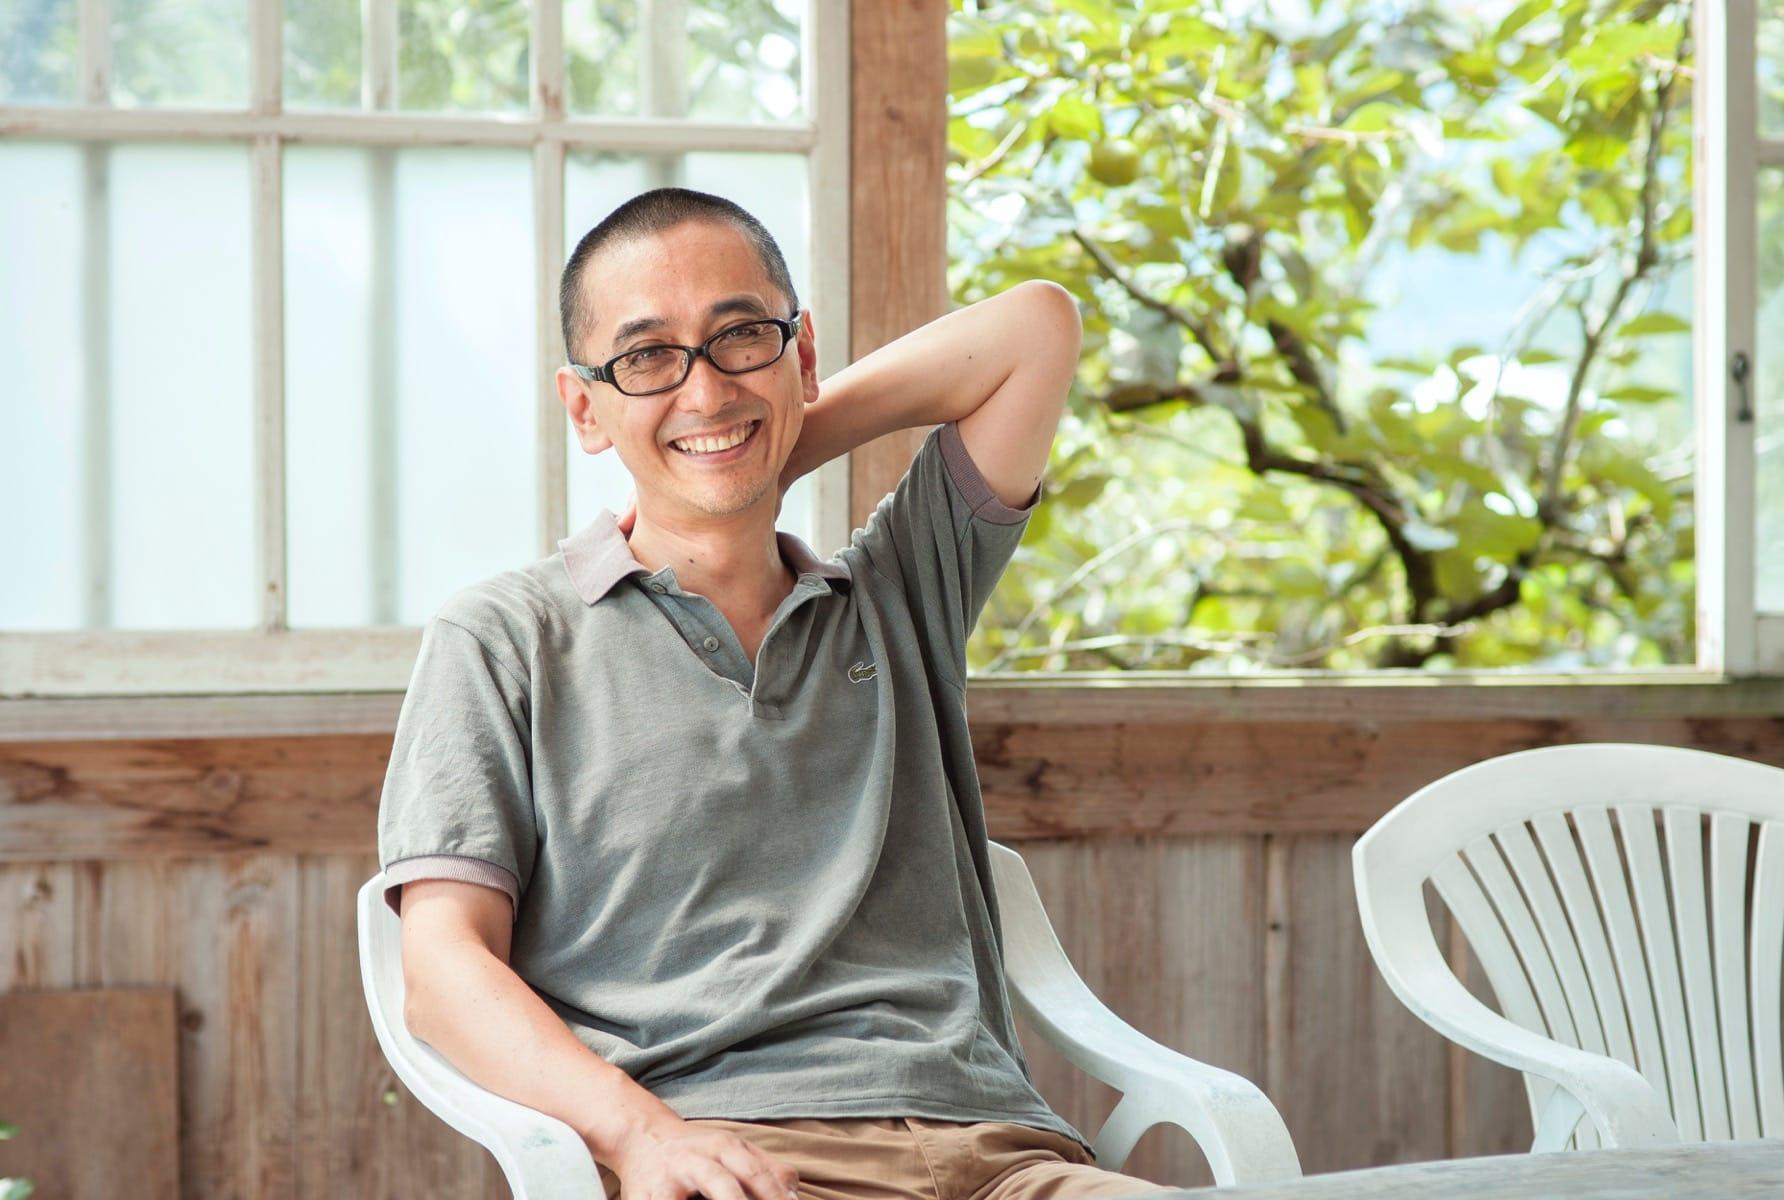 プランニング・ディレクターの西村佳哲さん。